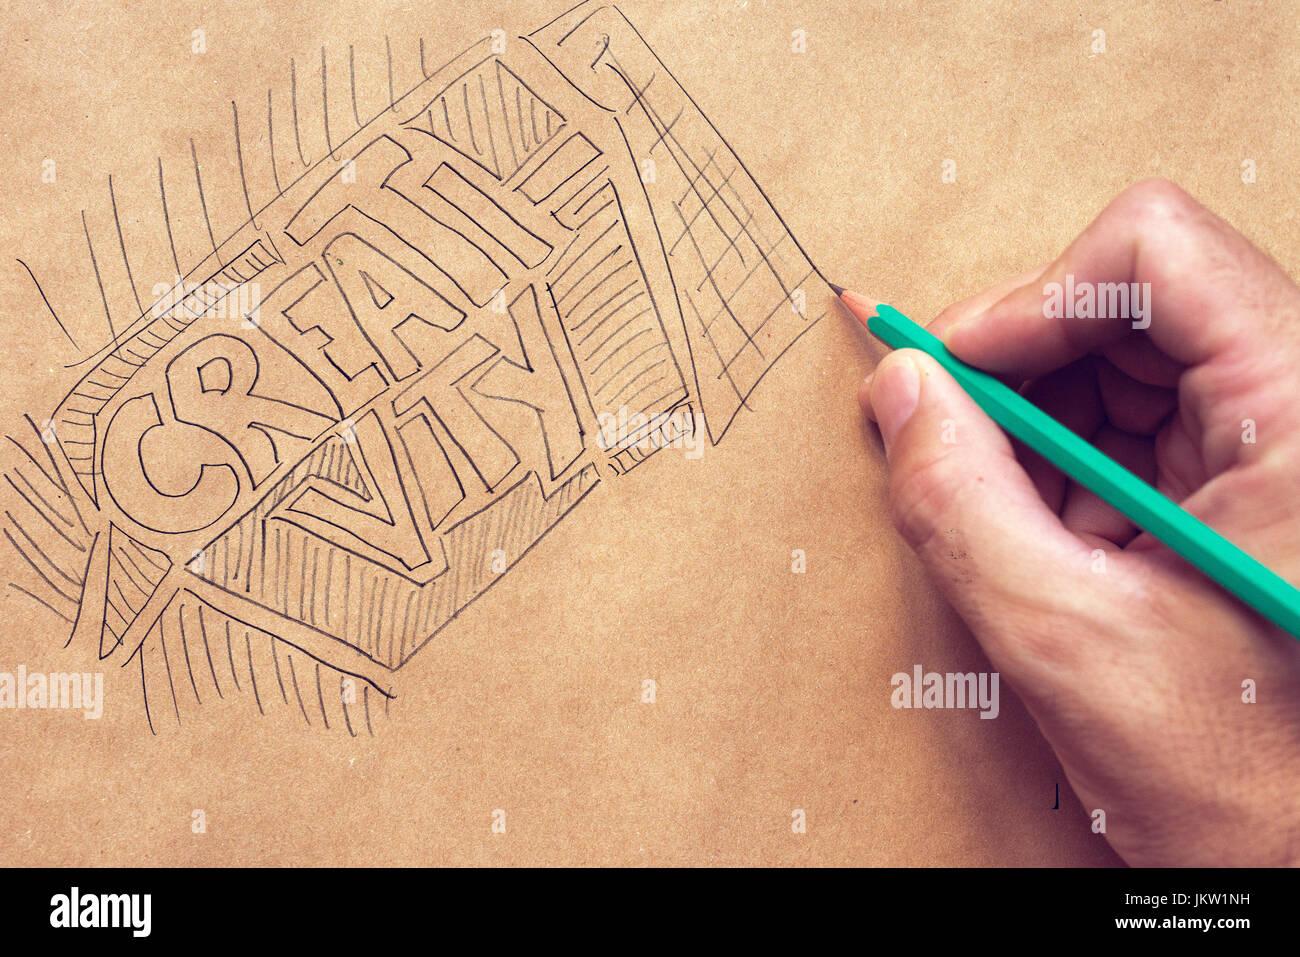 La créativité en design graphique, illustration et l'écriture avec un crayon à la main et les hommes Banque D'Images